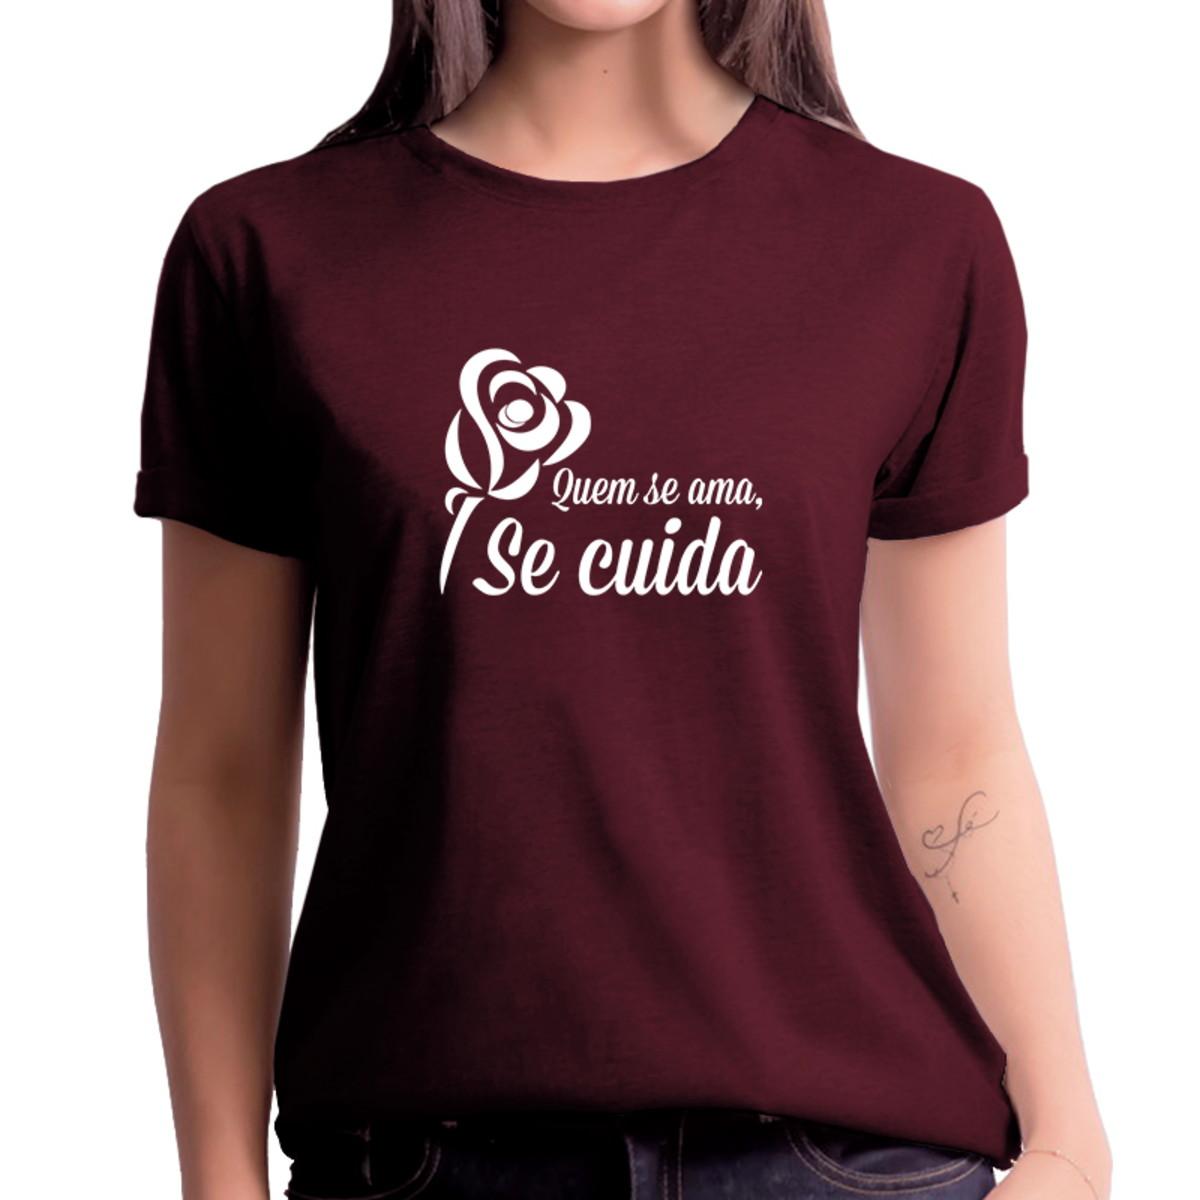 Camisa Outubro Rosa Flor Quem Ama Se Cuida Vinho